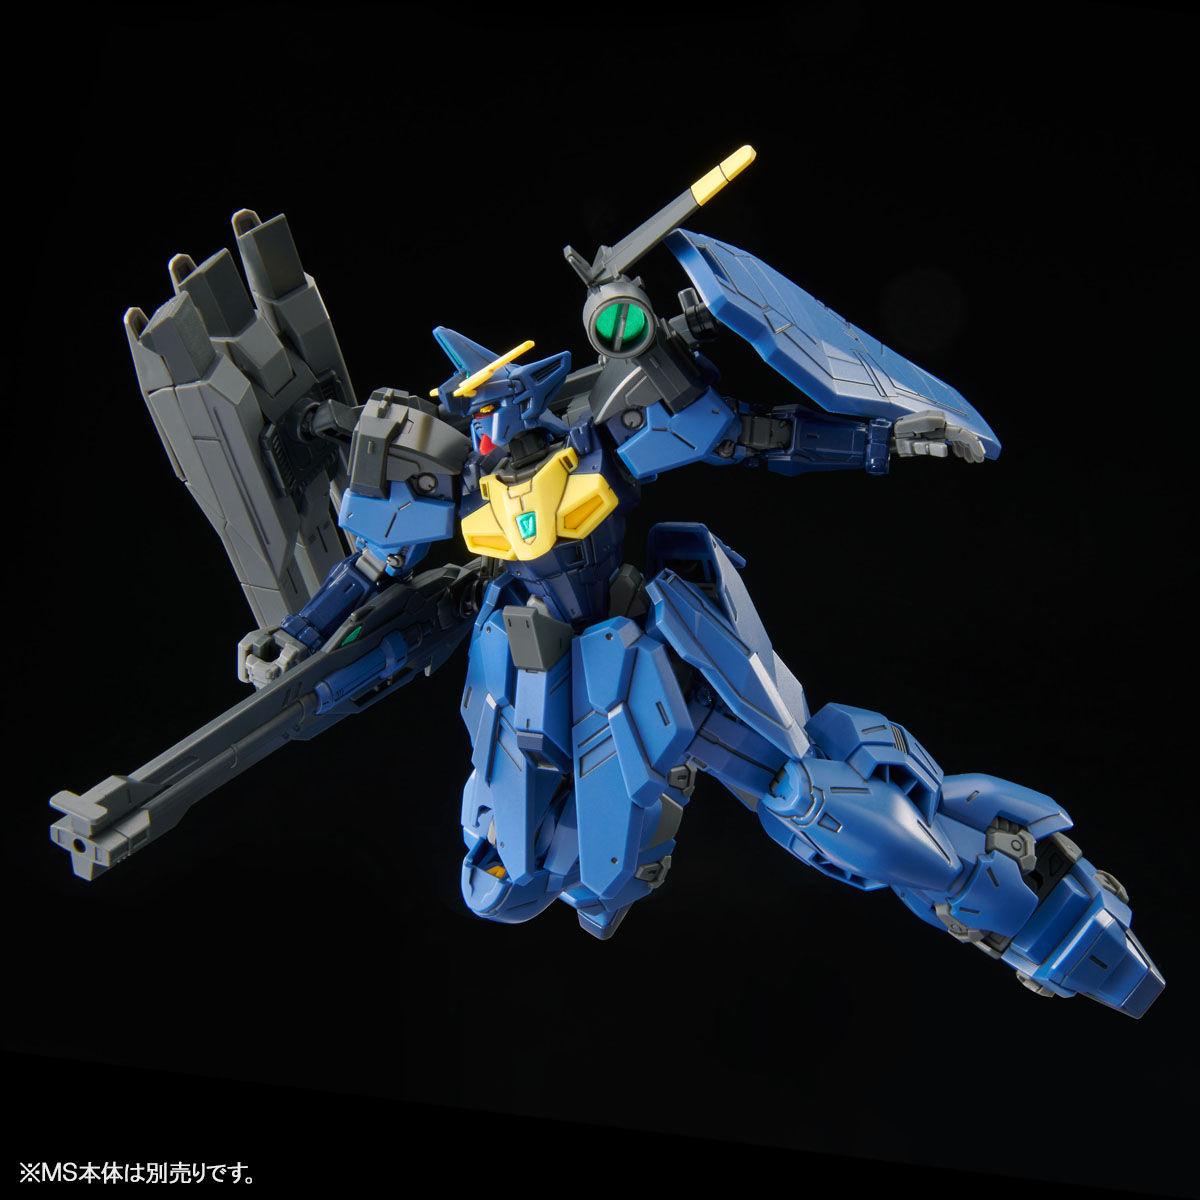 【限定販売】HG 1/144『ガンダムジェミナス02用 陸戦重装ユニット 拡張パーツ』プラモデル-008